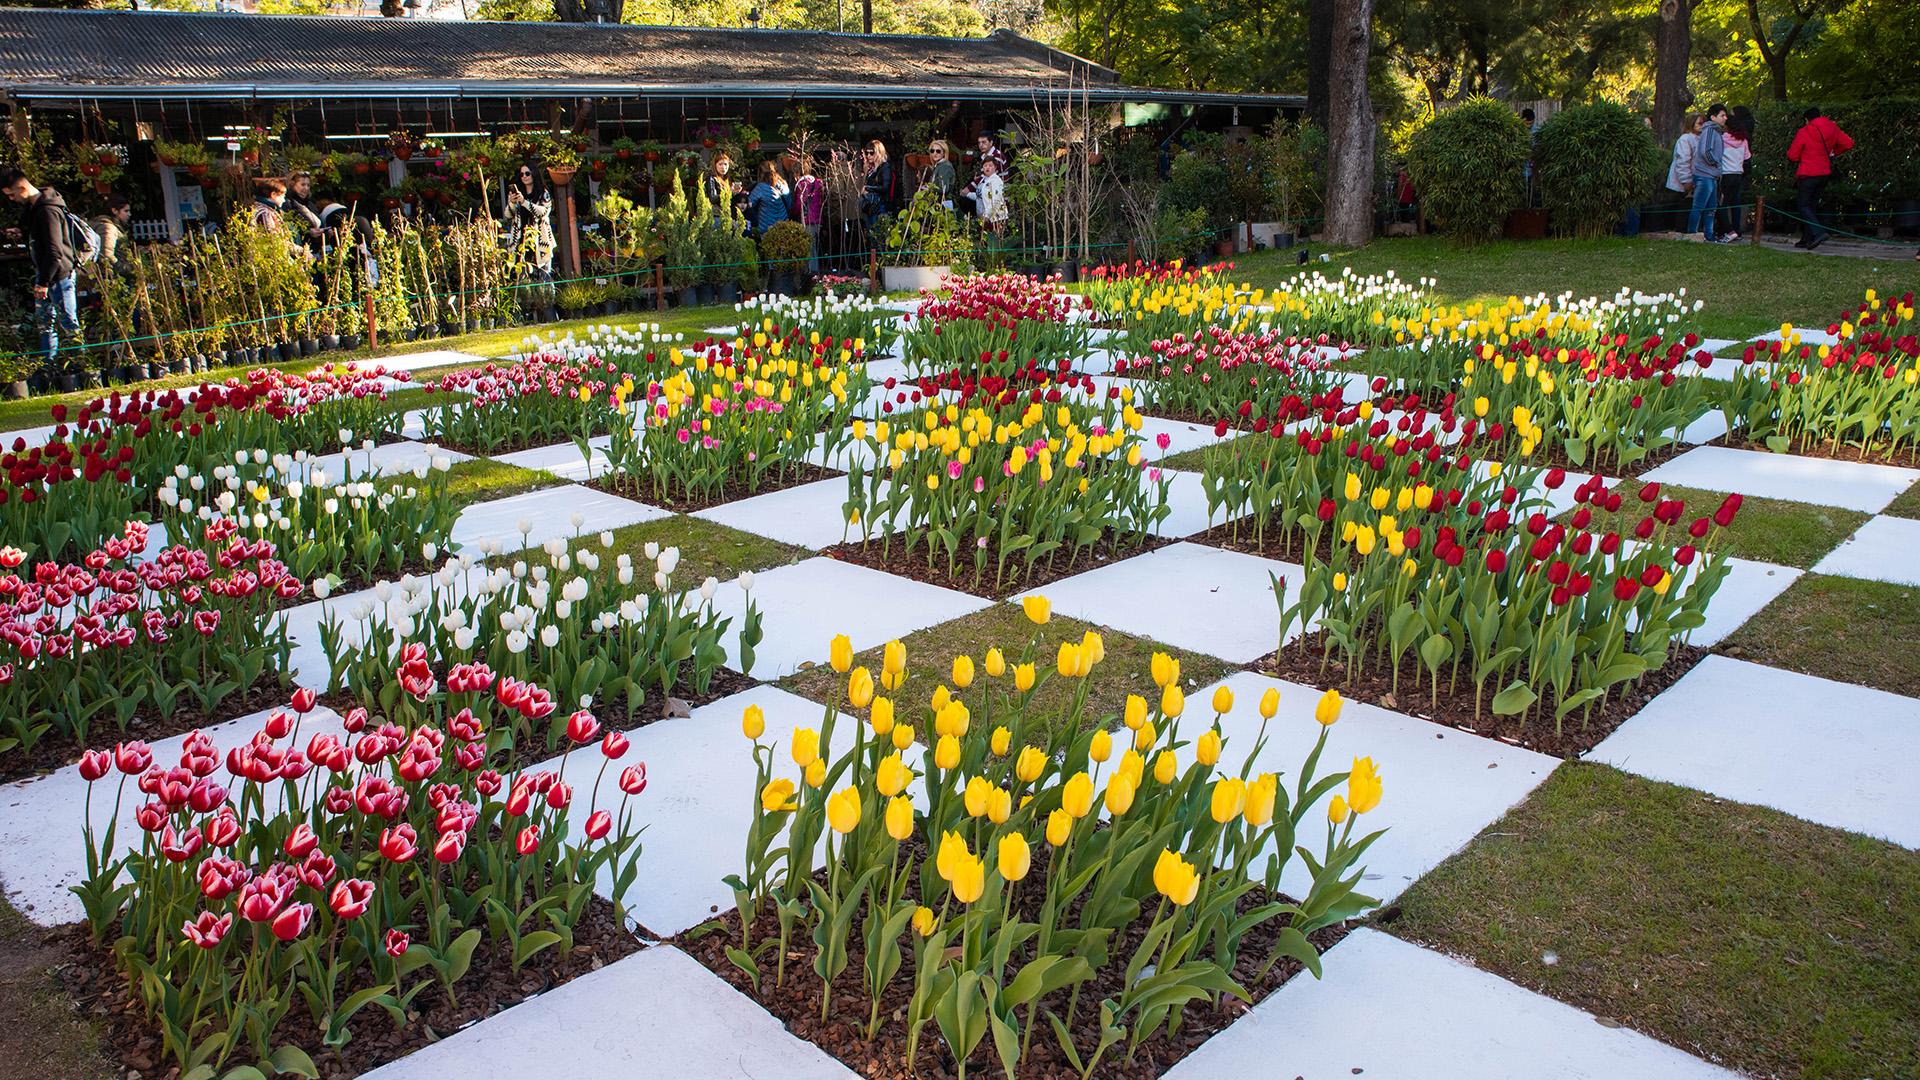 Los ejemplares locales fueron plantados en unmosaico estilo damero organizado por color